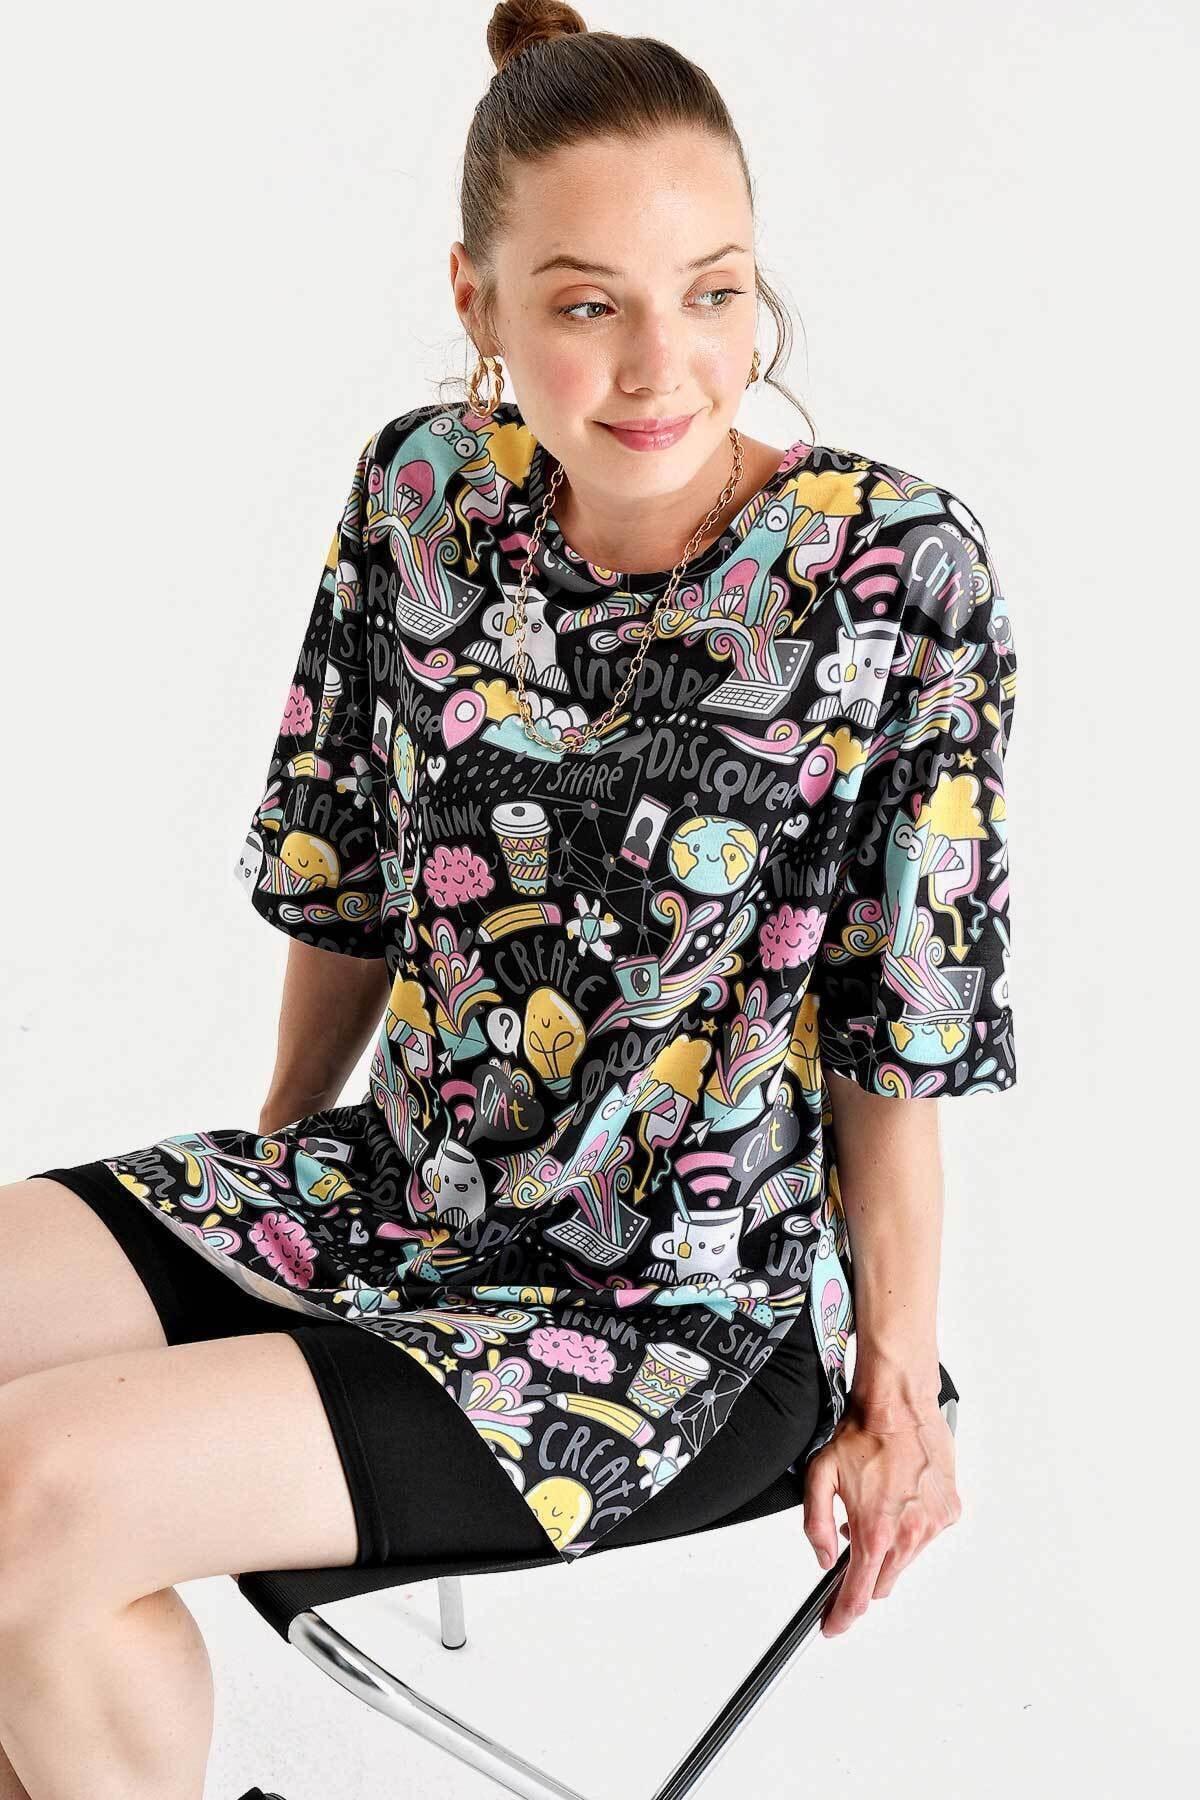 Pattaya Kadın Baskılı Yırtmaçlı Kısa Kollu Tişört Y20s110-3124 1